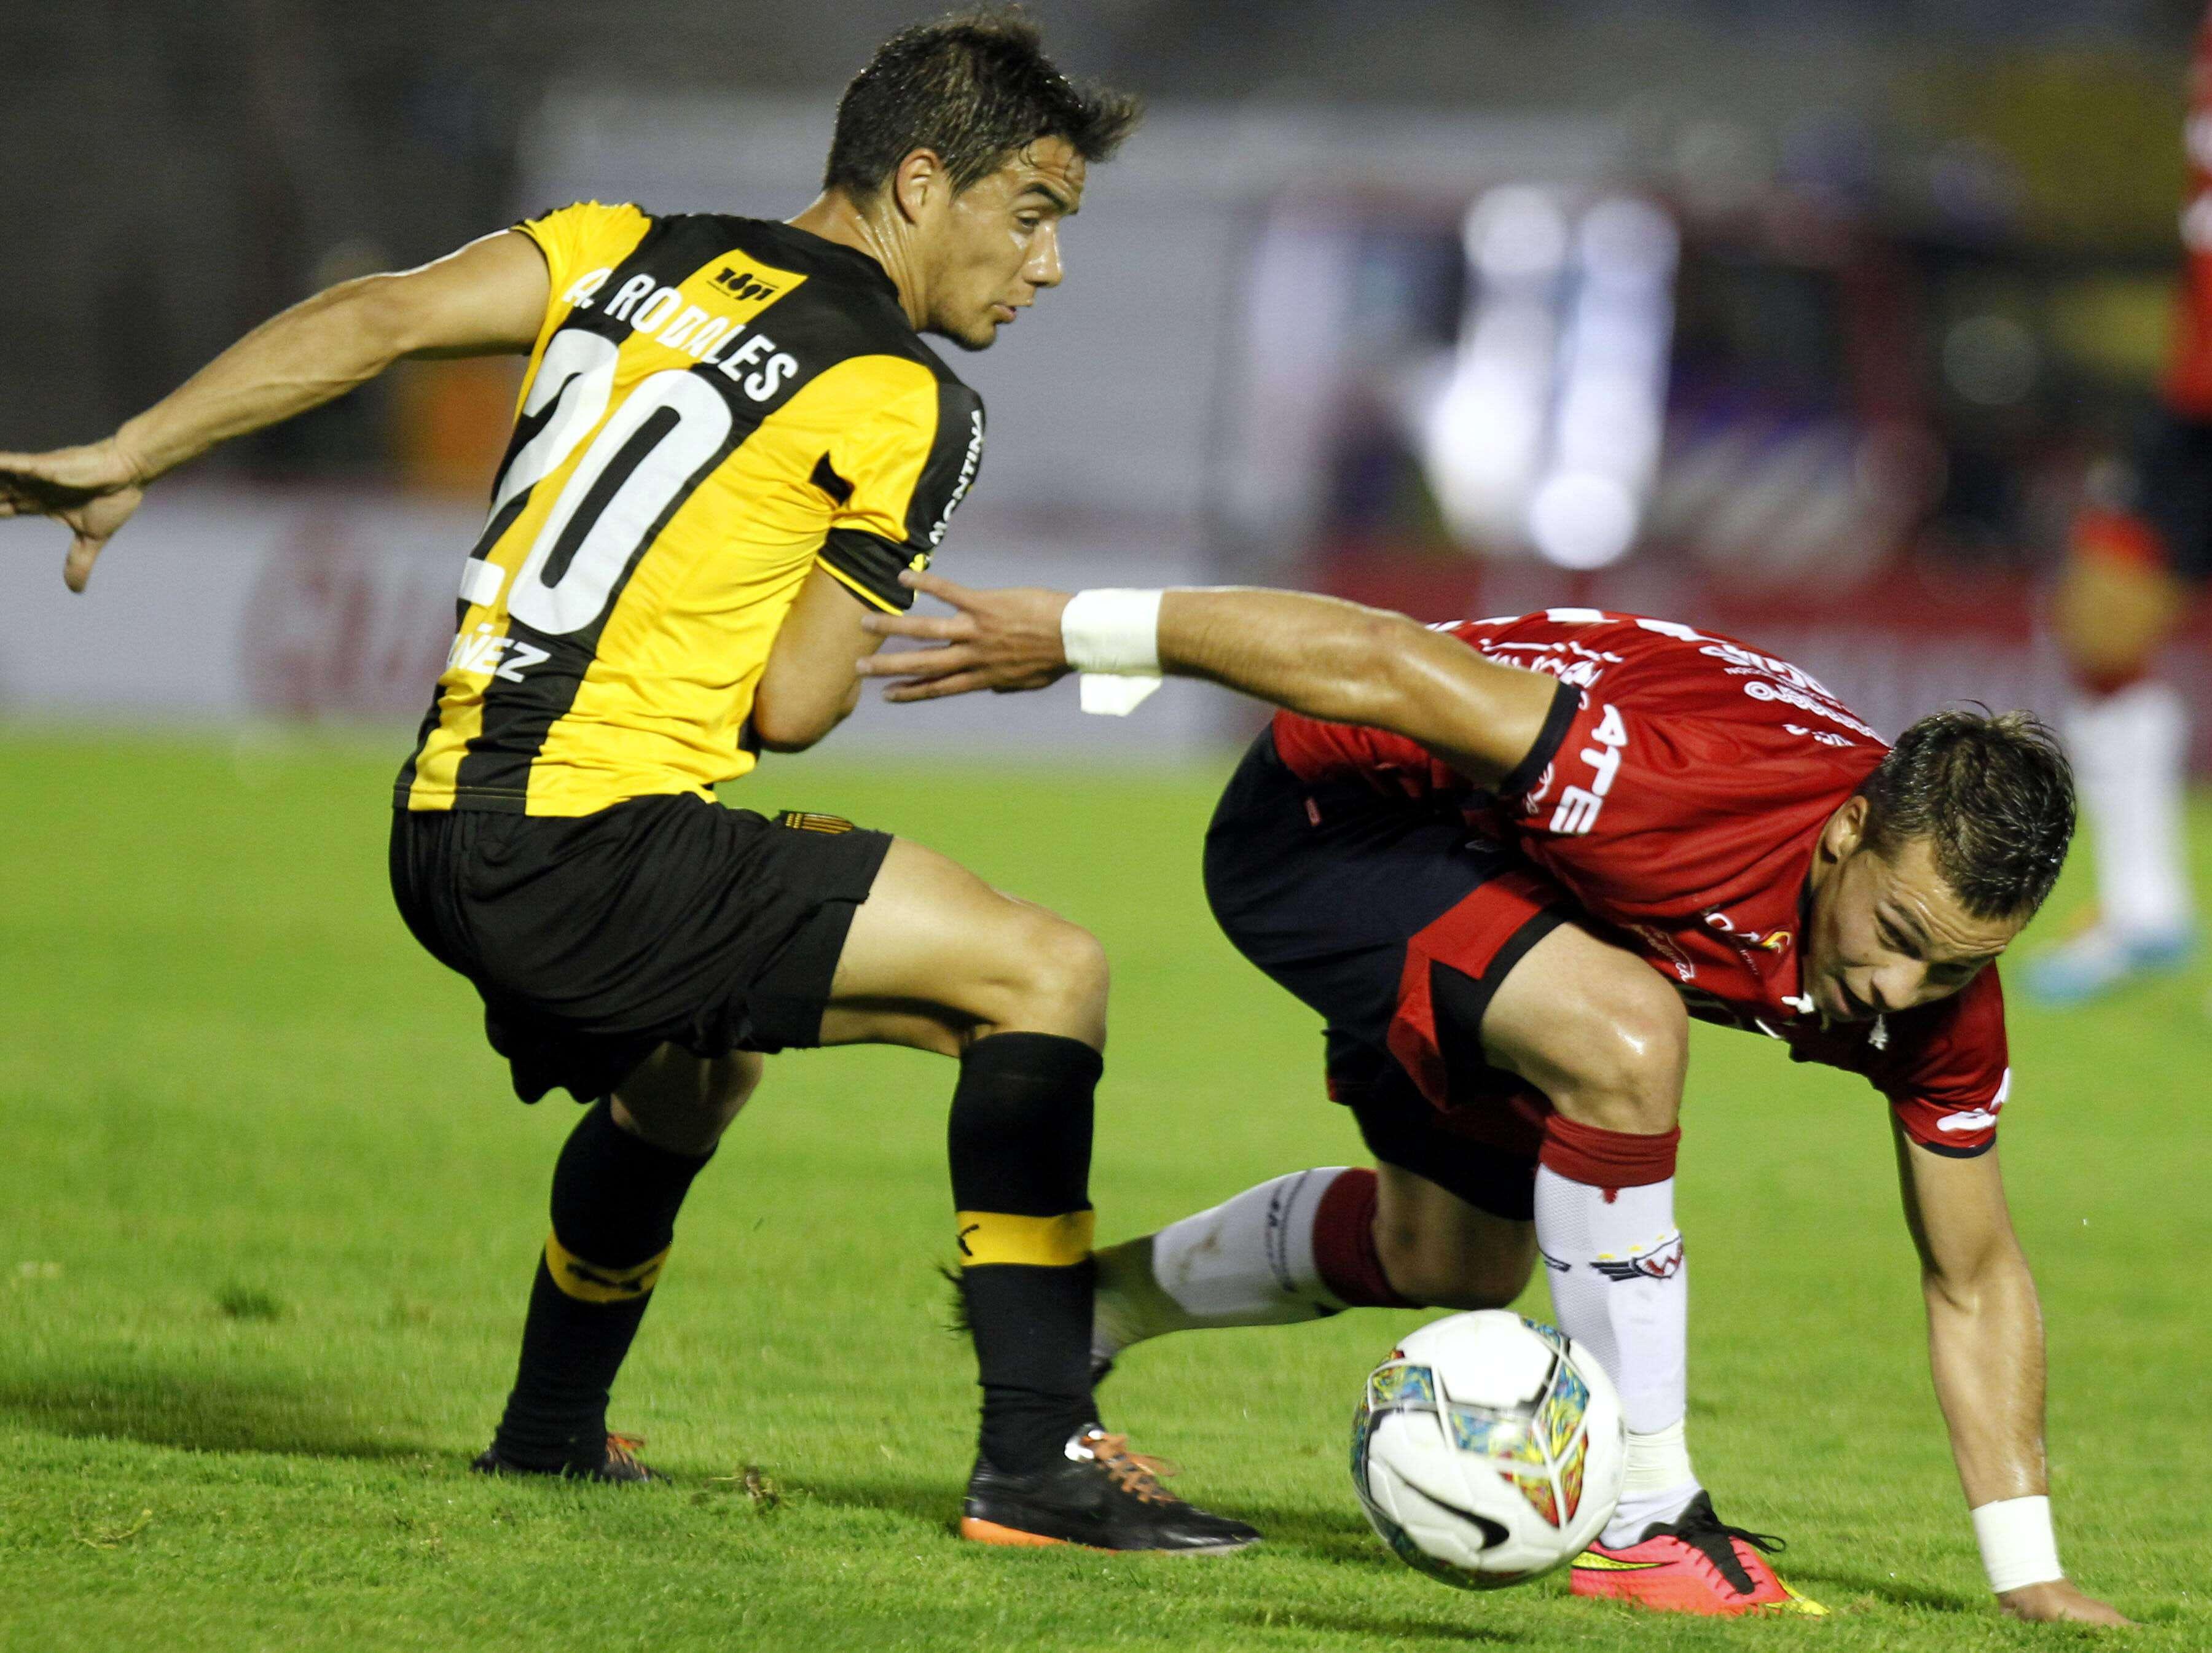 Libertad-PAR perde com gol de brasileiro; Peñarol vence